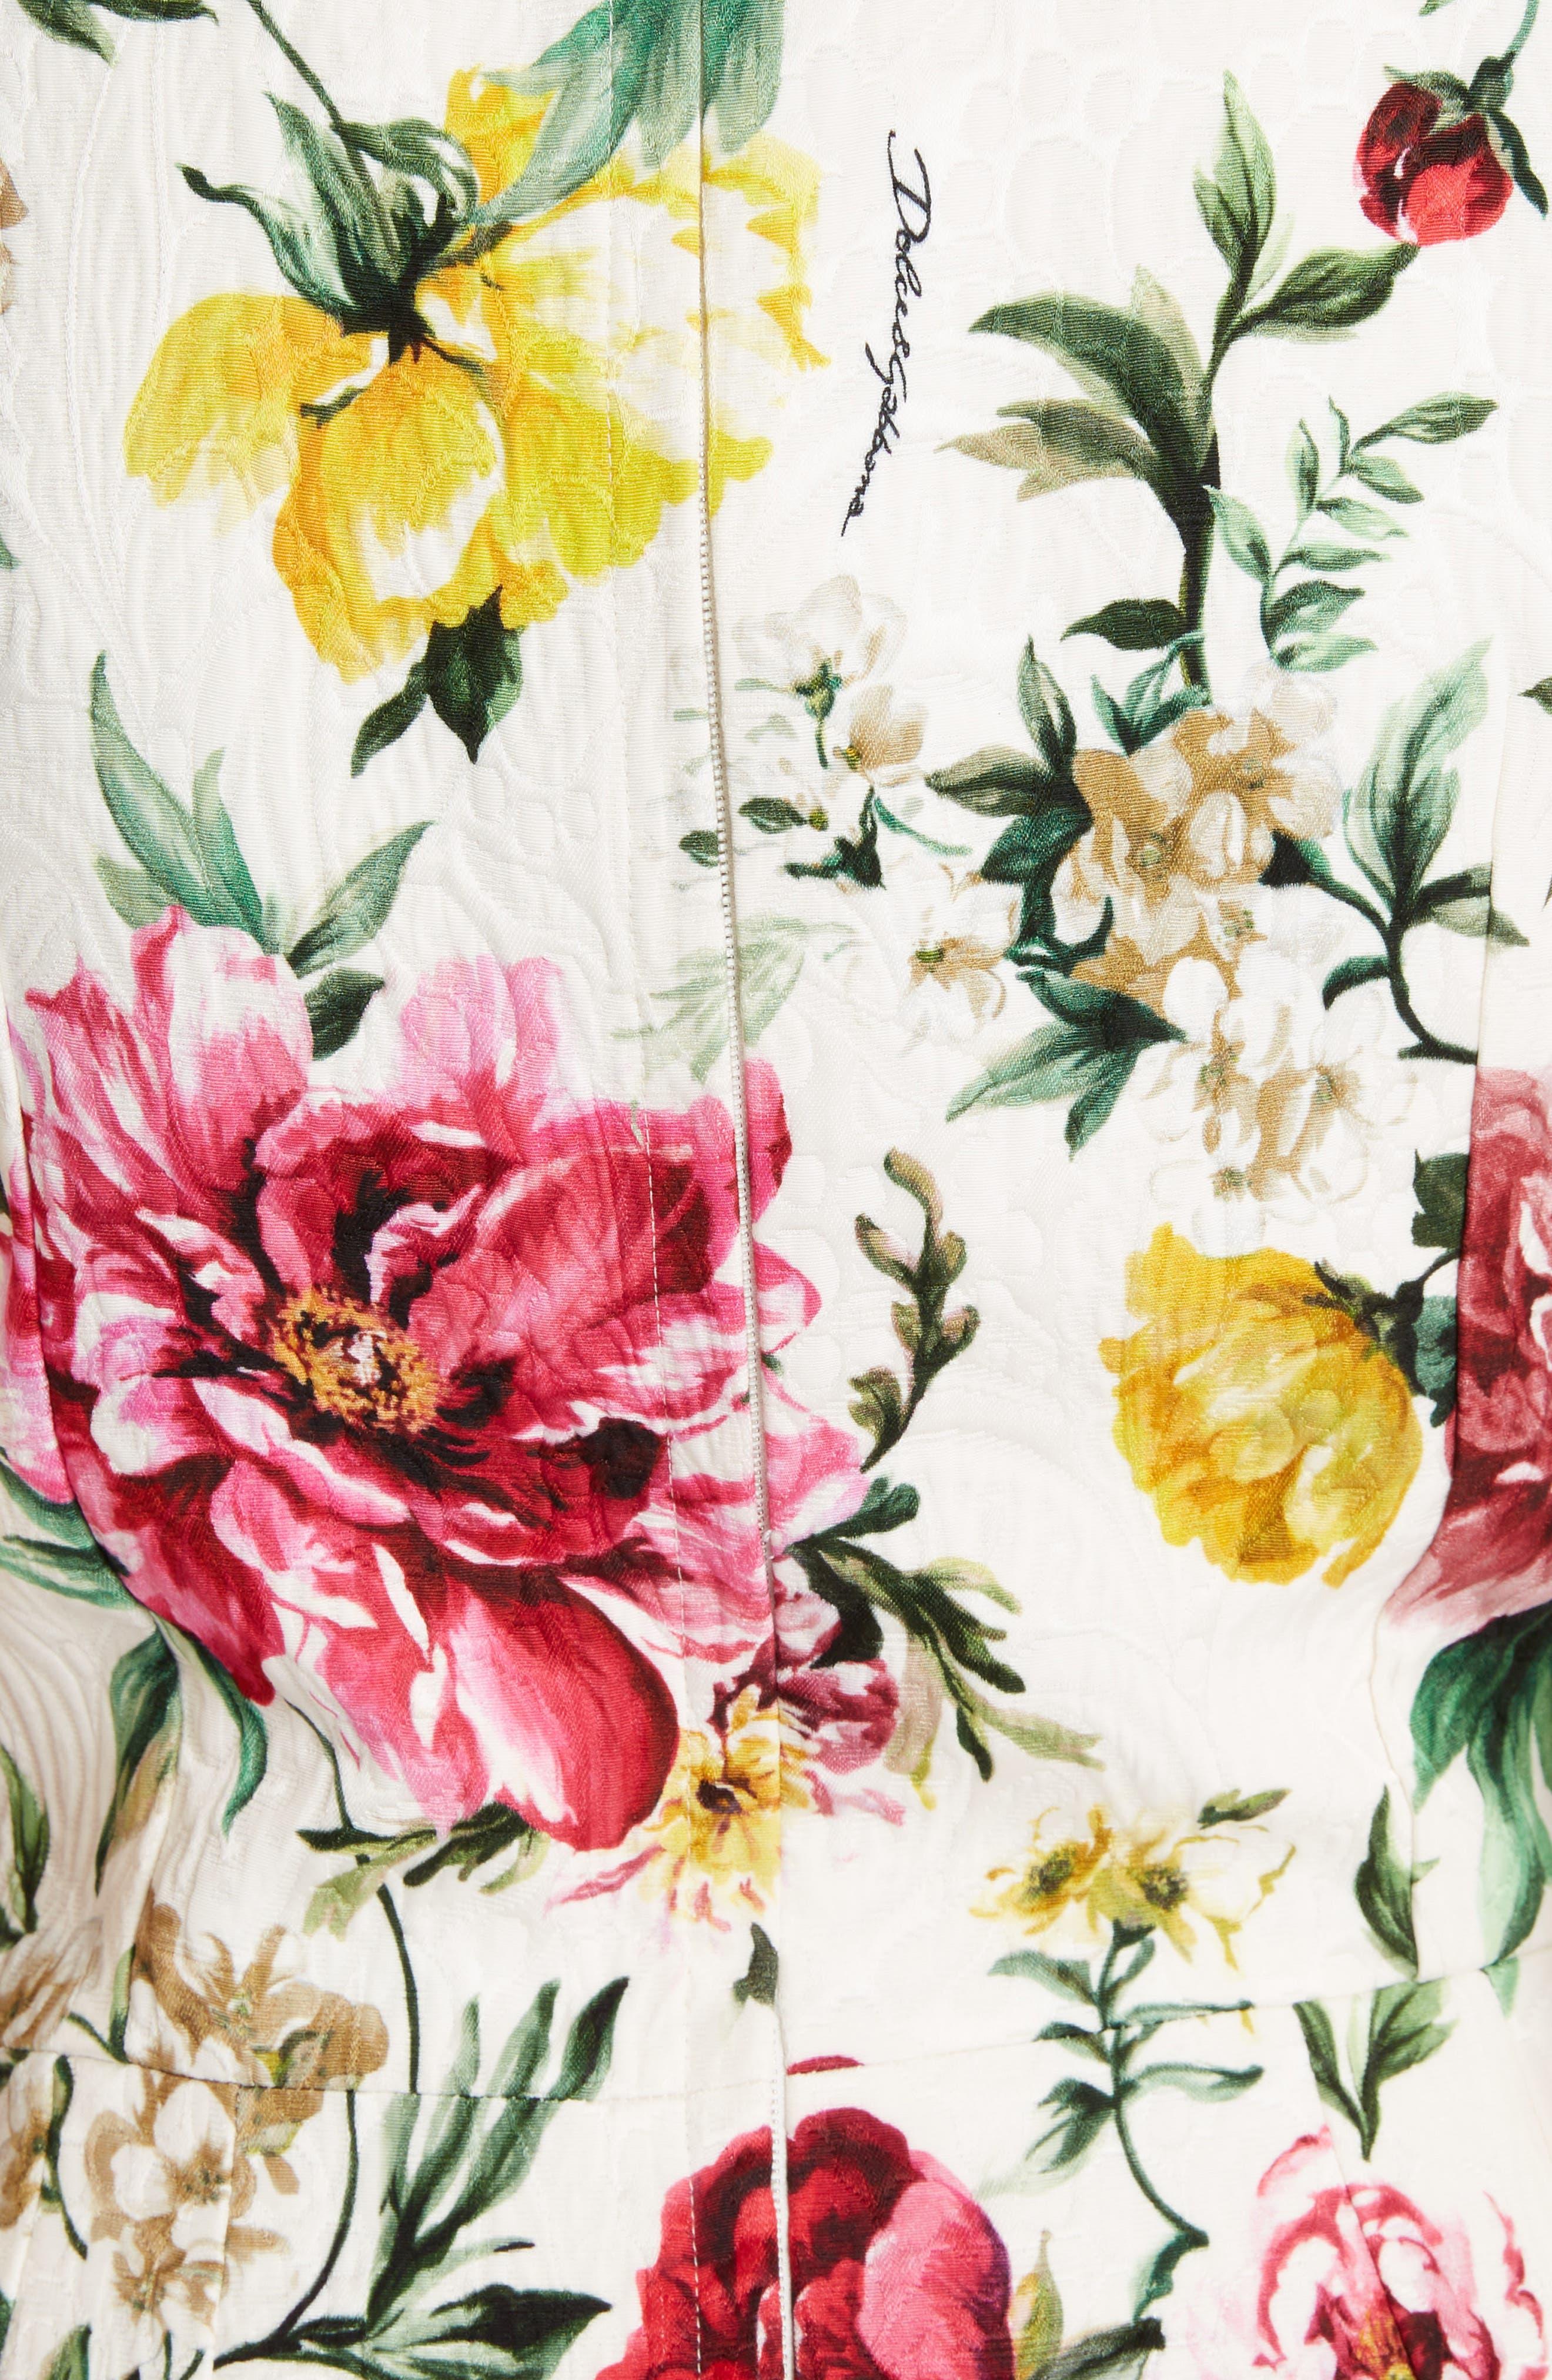 Floral Print Jacquard Sheath Dress,                             Alternate thumbnail 5, color,                             115